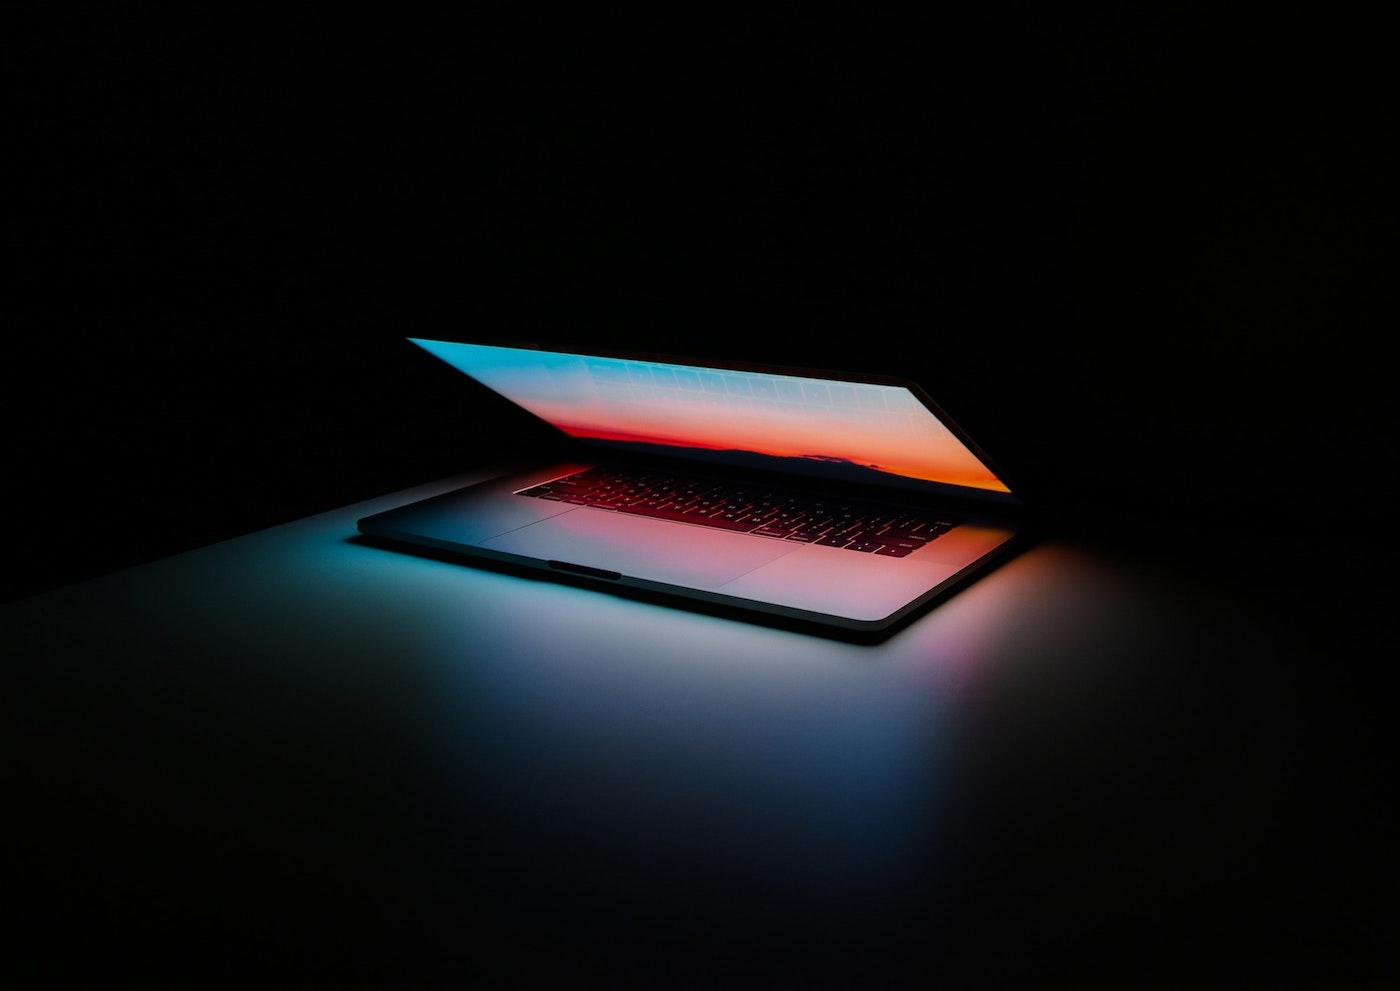 frukmagazine tech laptop mac technology ales-nesetril-unsplash